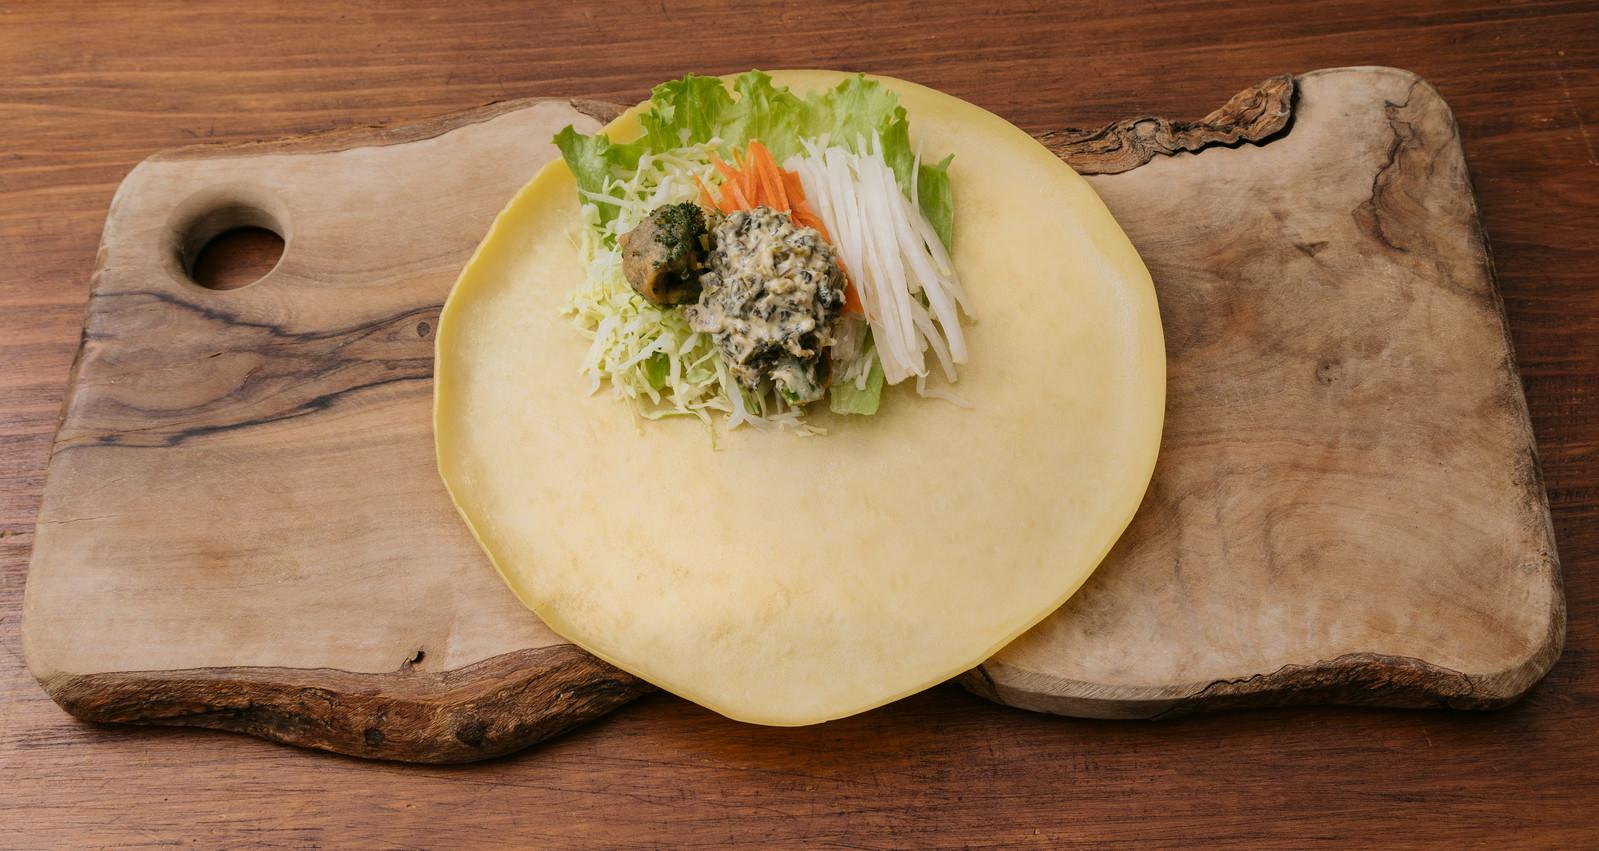 「クレープの皮とトッピング用の野菜クレープの皮とトッピング用の野菜」のフリー写真素材を拡大